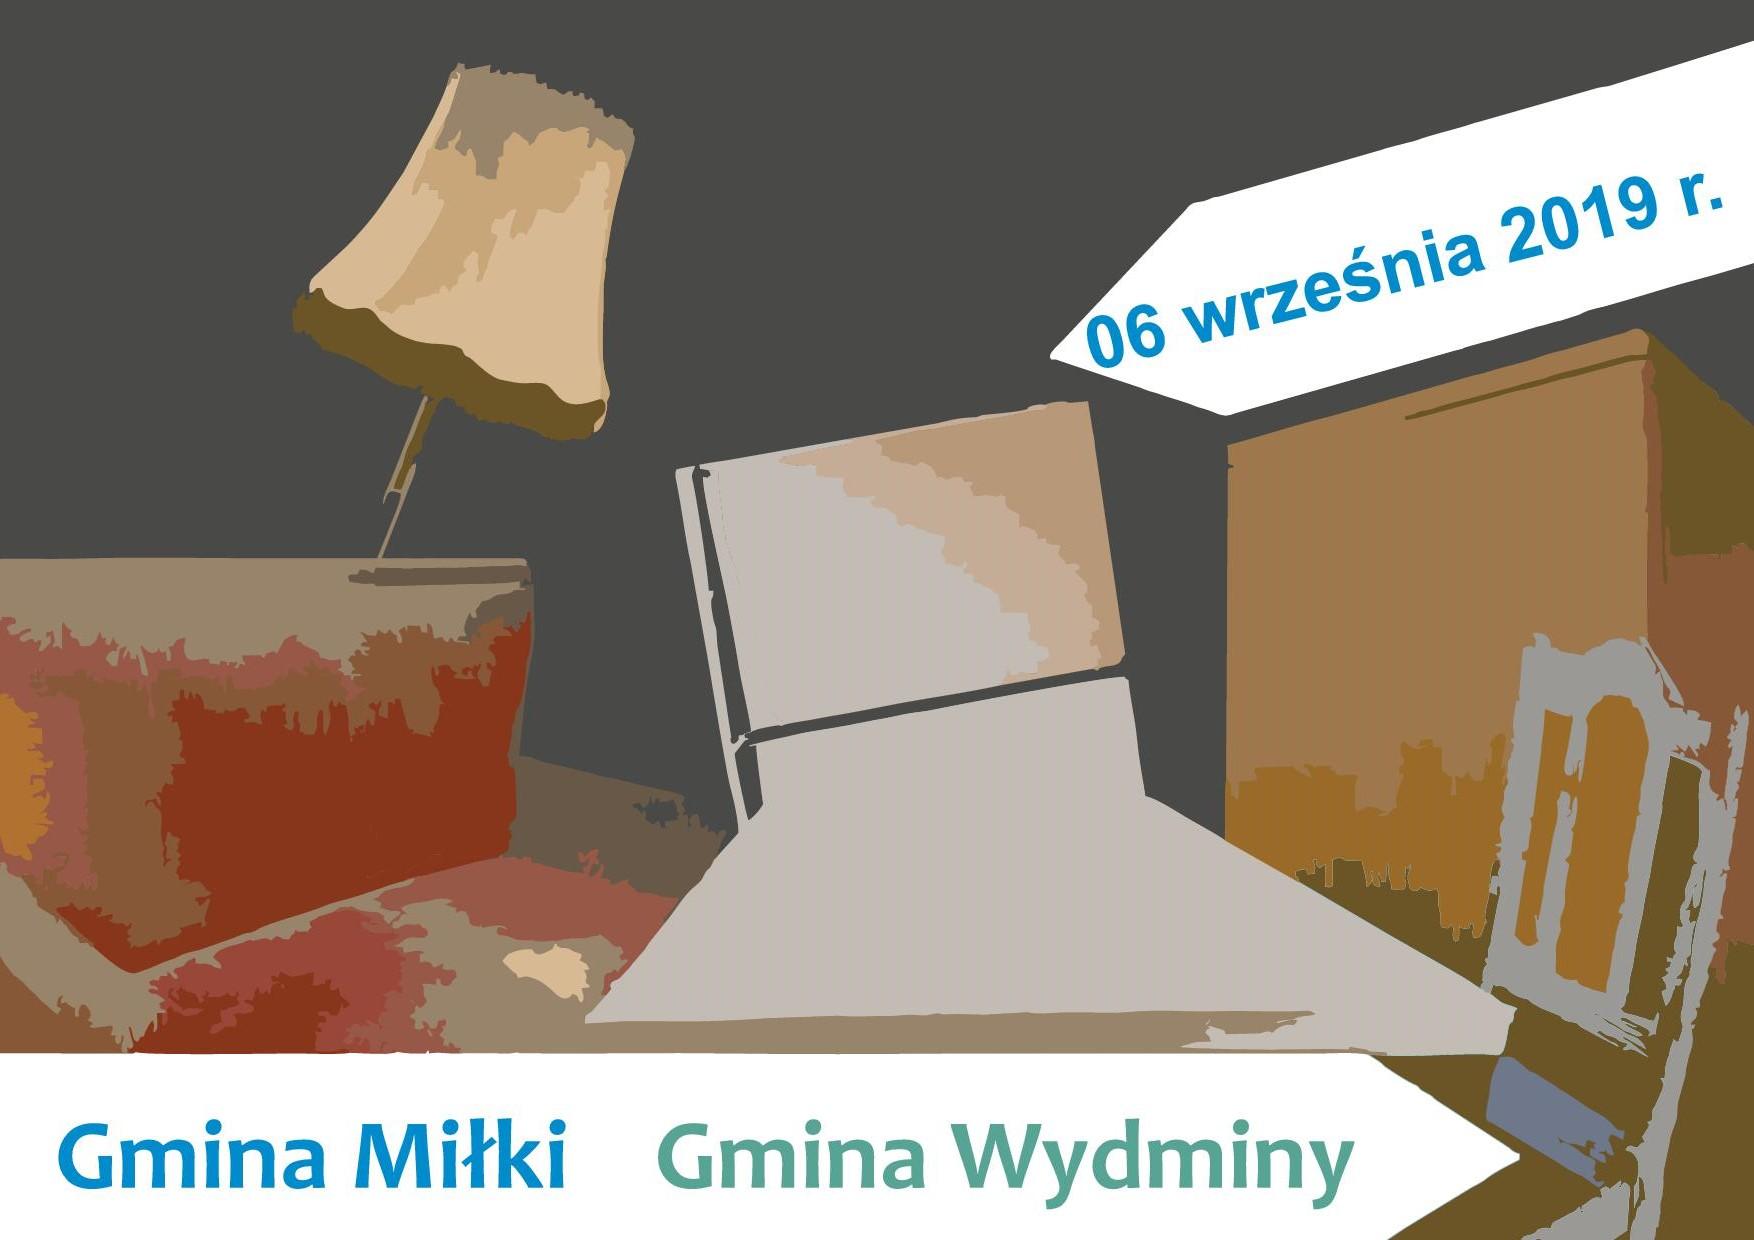 Zbiórka-elektroodpadów-oraz-wielkogabarytów-Gmina-Miłki-Gmina-Wydminy